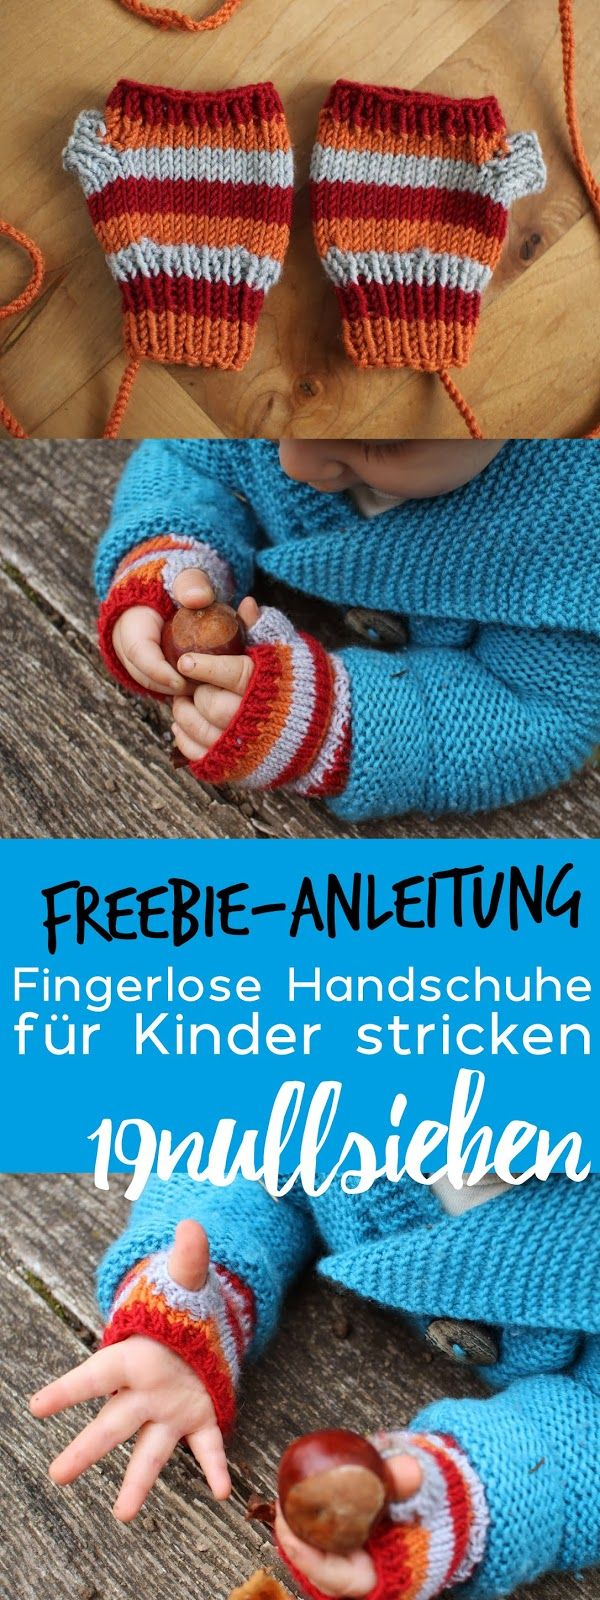 19nullsieben ein Blog aus Wien über Nähen, Stricken, Handarbeiten, Kreatives, Sohn, Kleidung, Mode, Quilts und Patchwork.